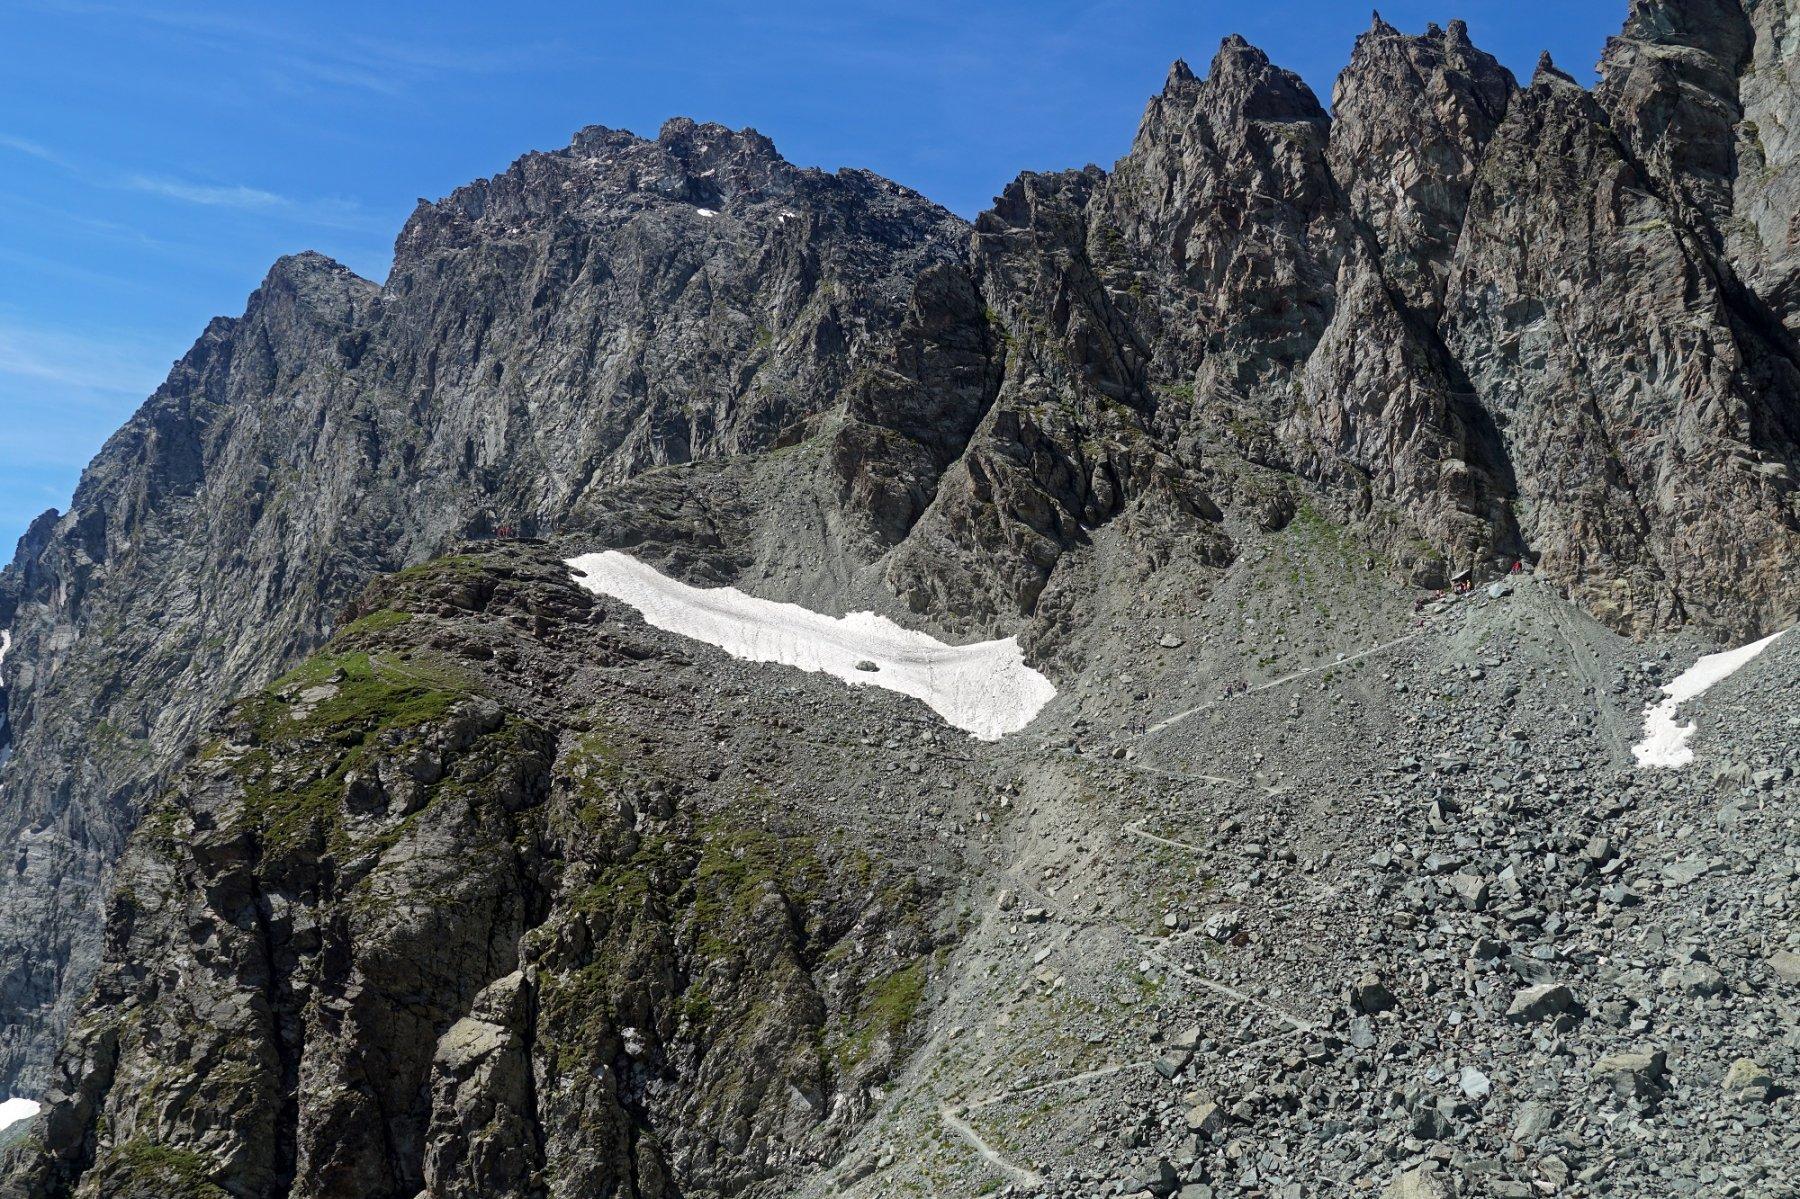 La parte finale del sentiero al Buco di Viso, visto salendo al Meidassa